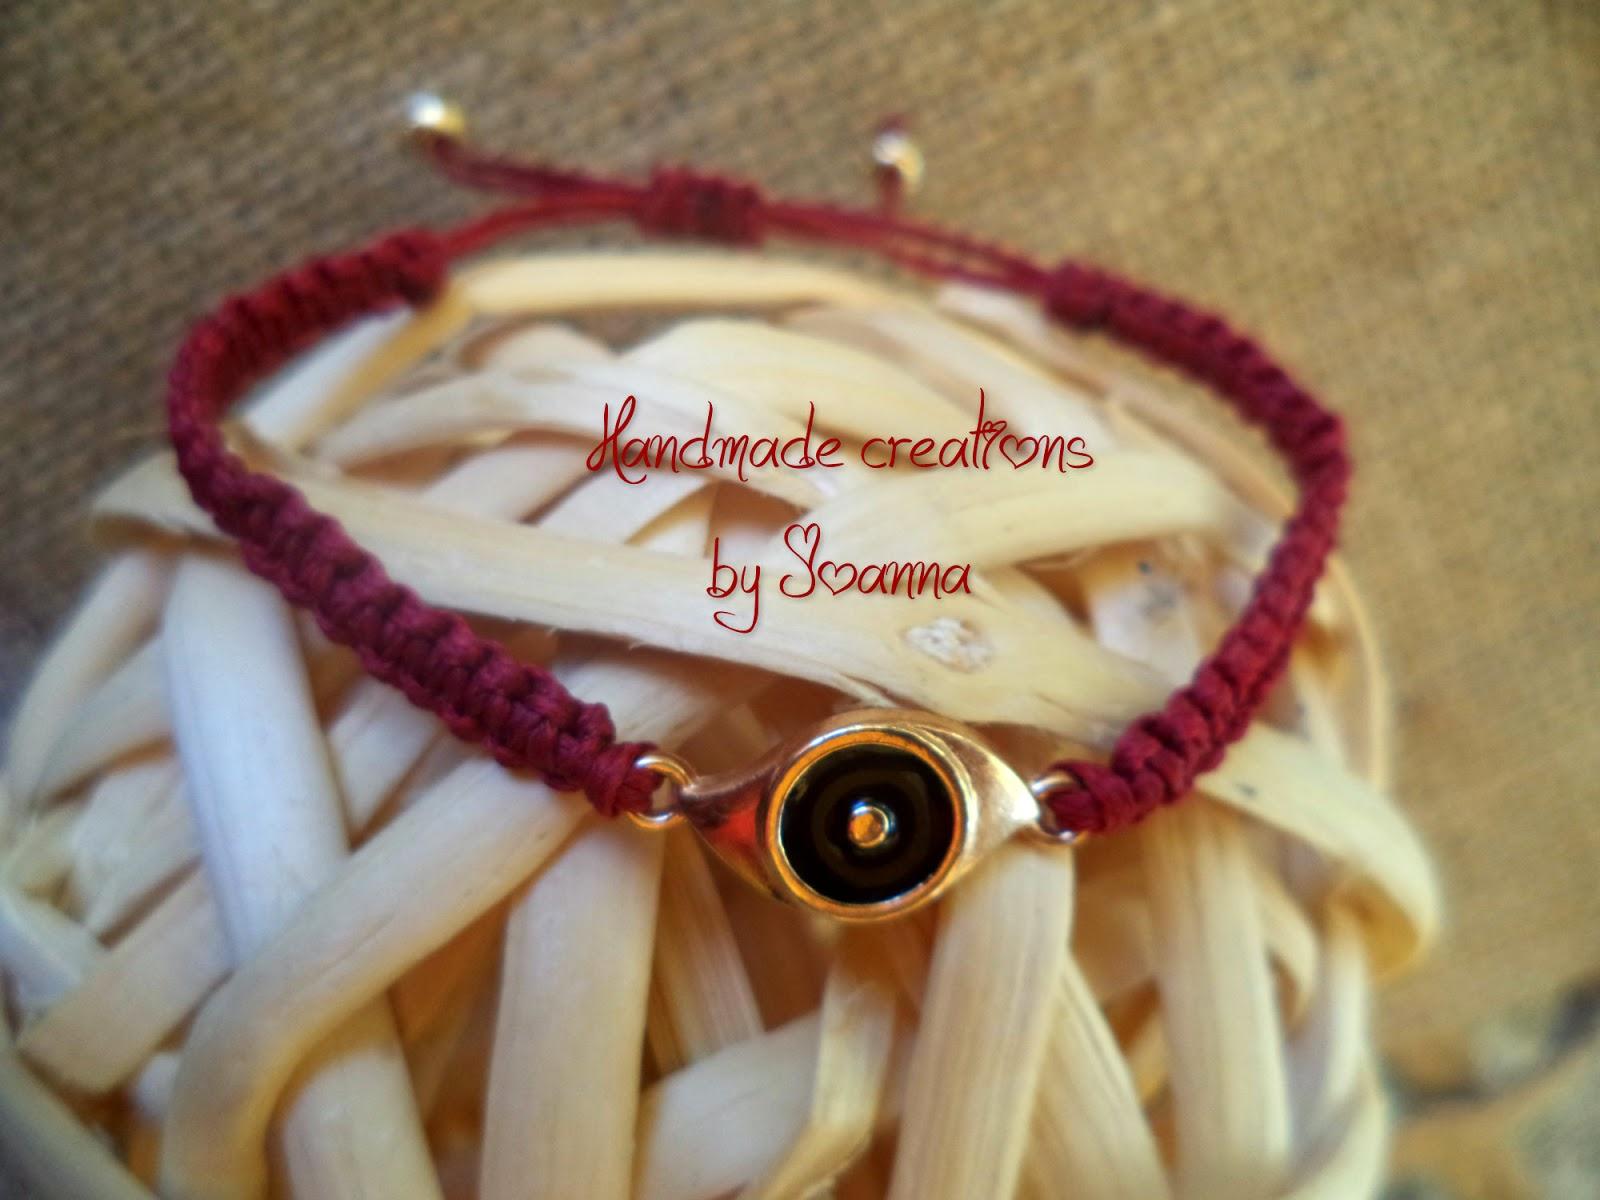 Κάντε like στην σελίδα μου στο facebook Handmade Creations By Joanna και  επικοινωνήστε μαζί μου στο email  g karimali yahoo.gr ή με inbox μήνυμα στη  σελίδα ... da971ed7250